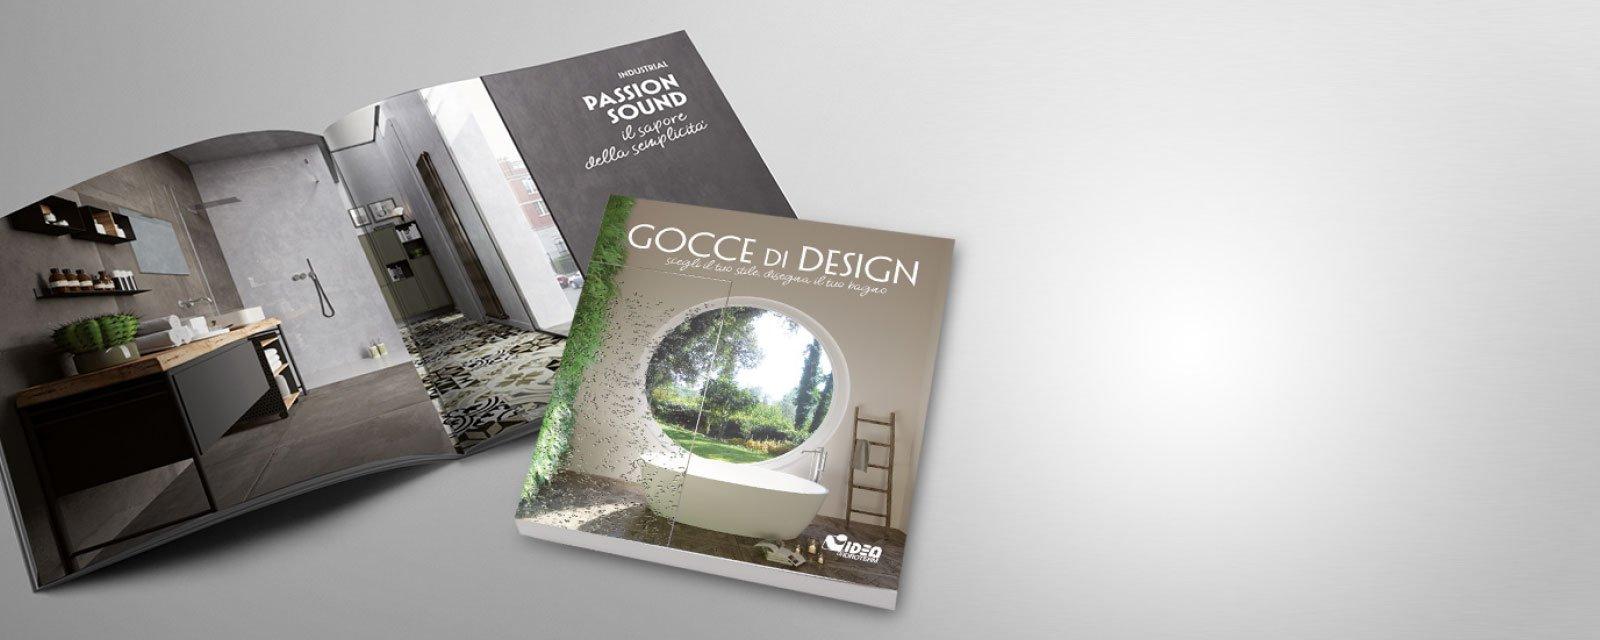 Idea di Idroterm - Catalogo arredo bagno Gocce di design